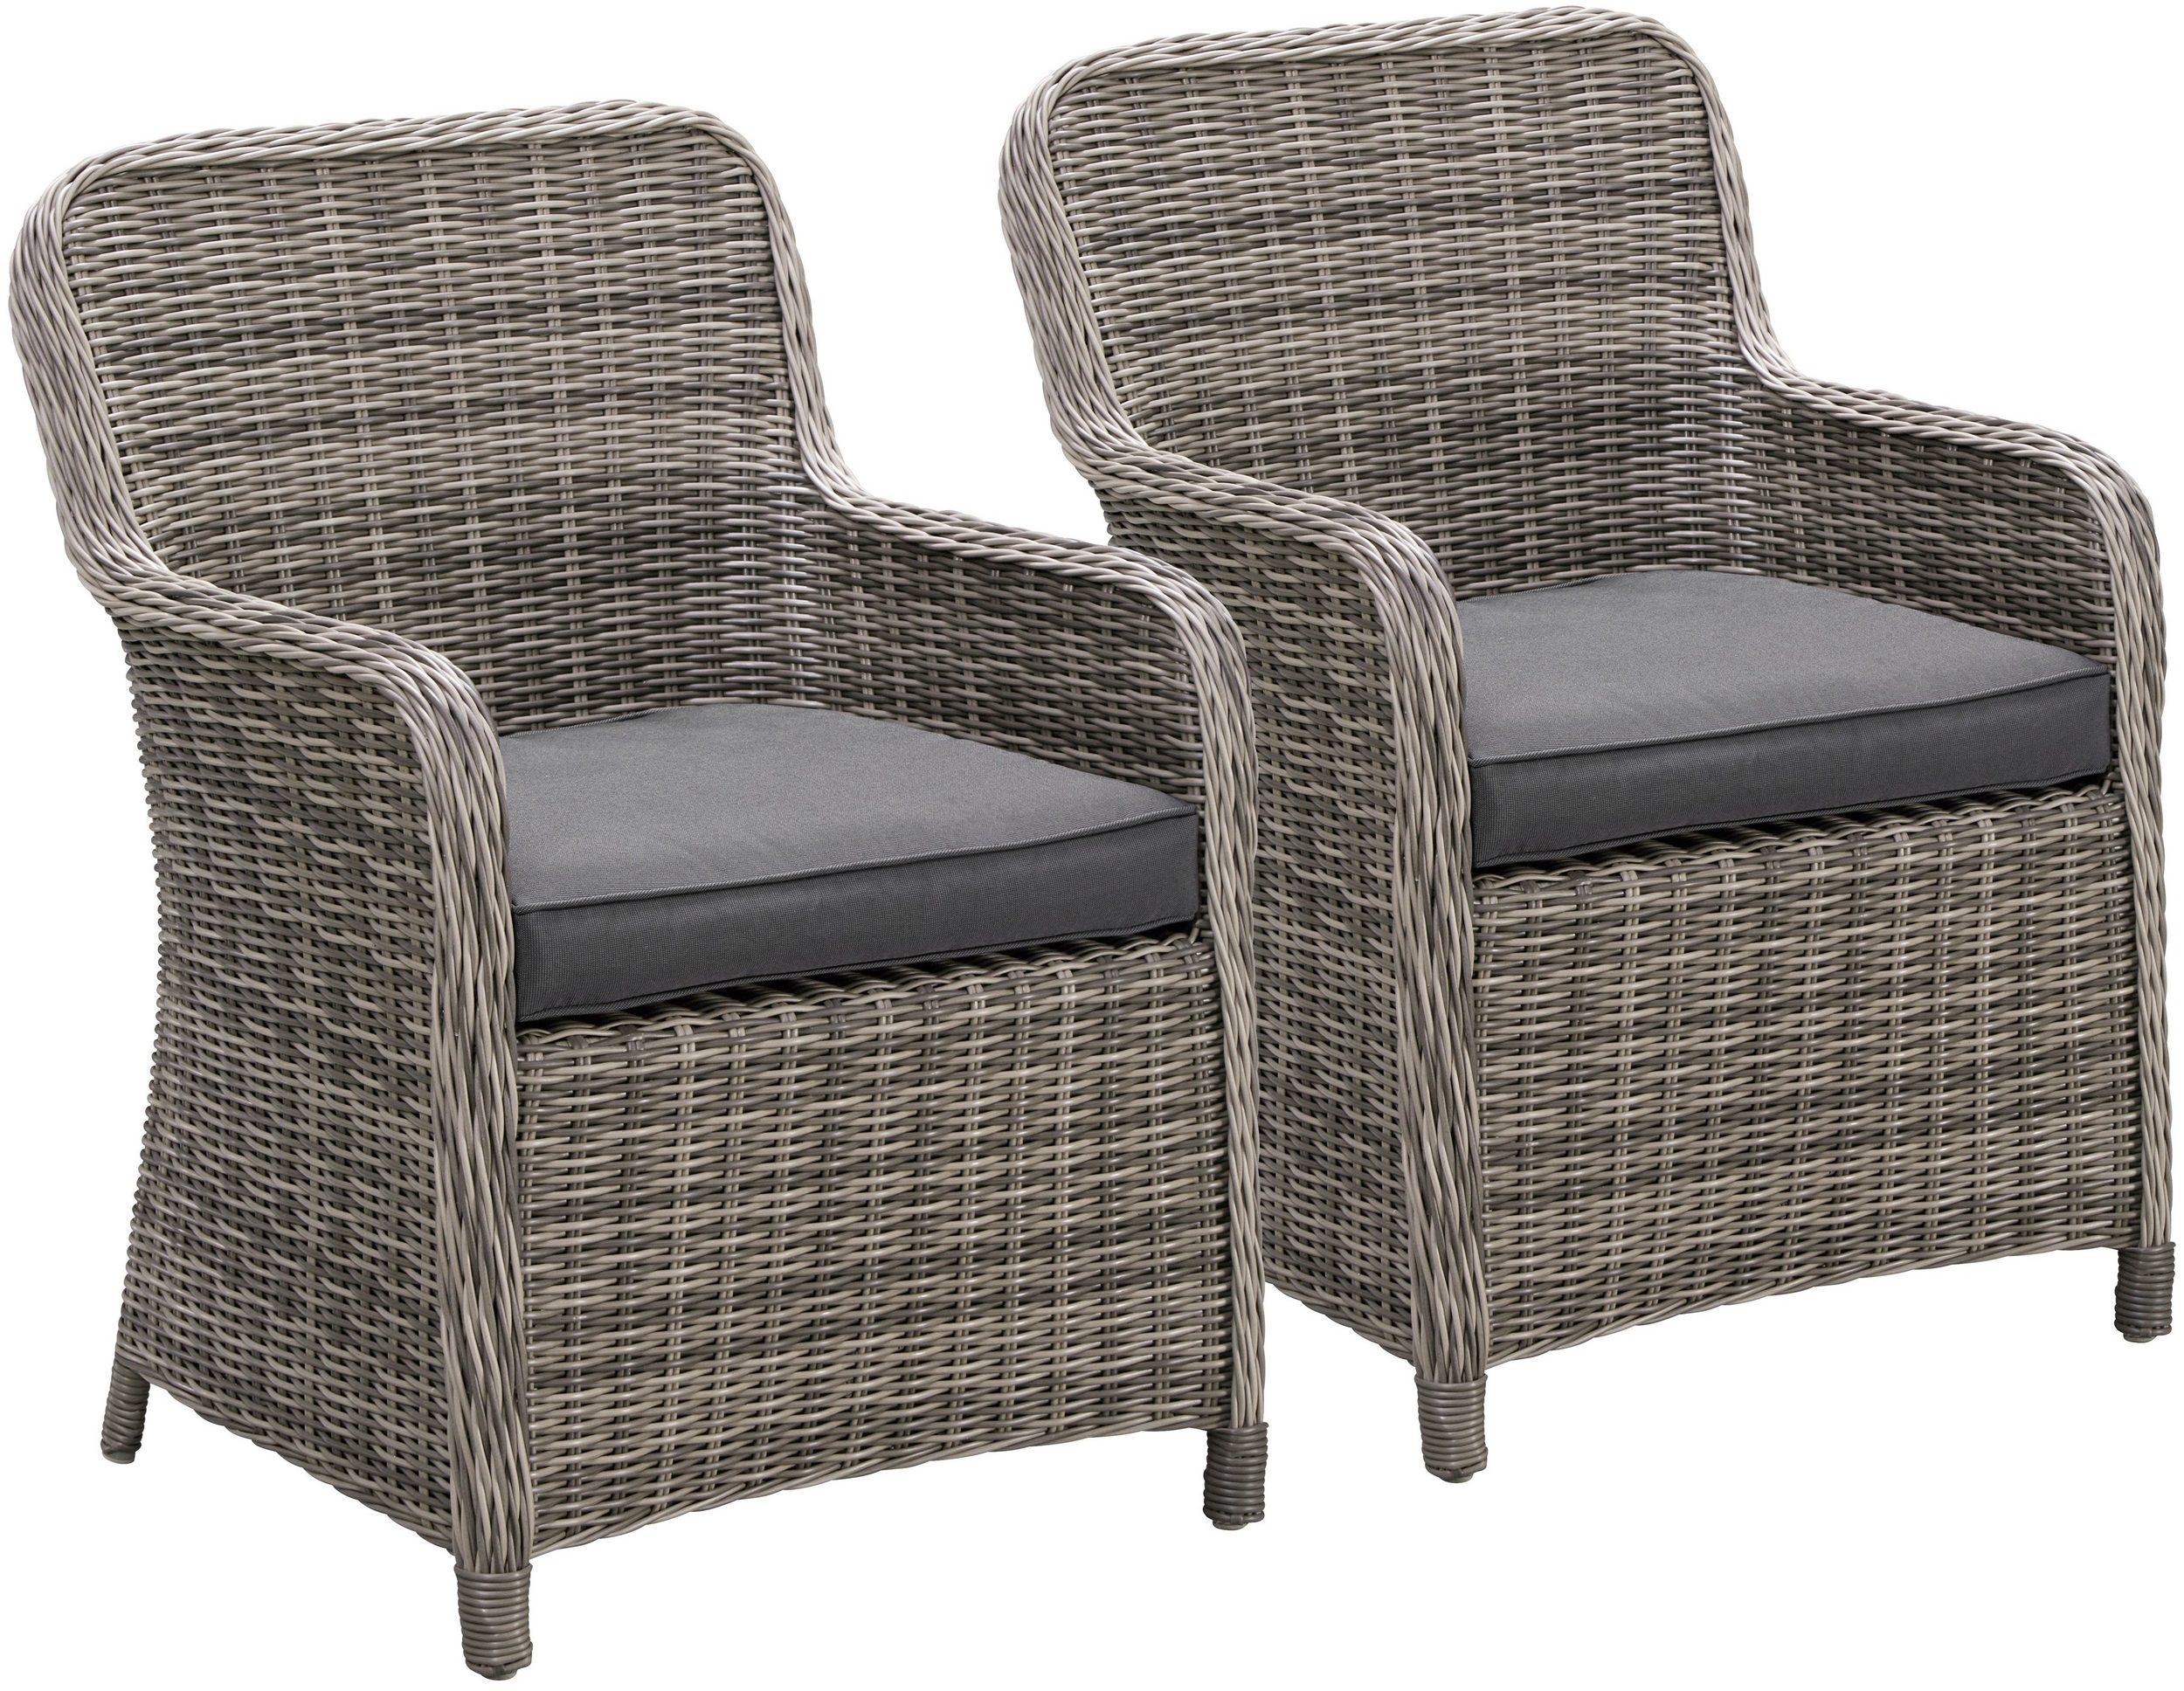 Gartensessel Gartenstühle Sessel Polyrathan 2 Stück Polster NEU 7150535